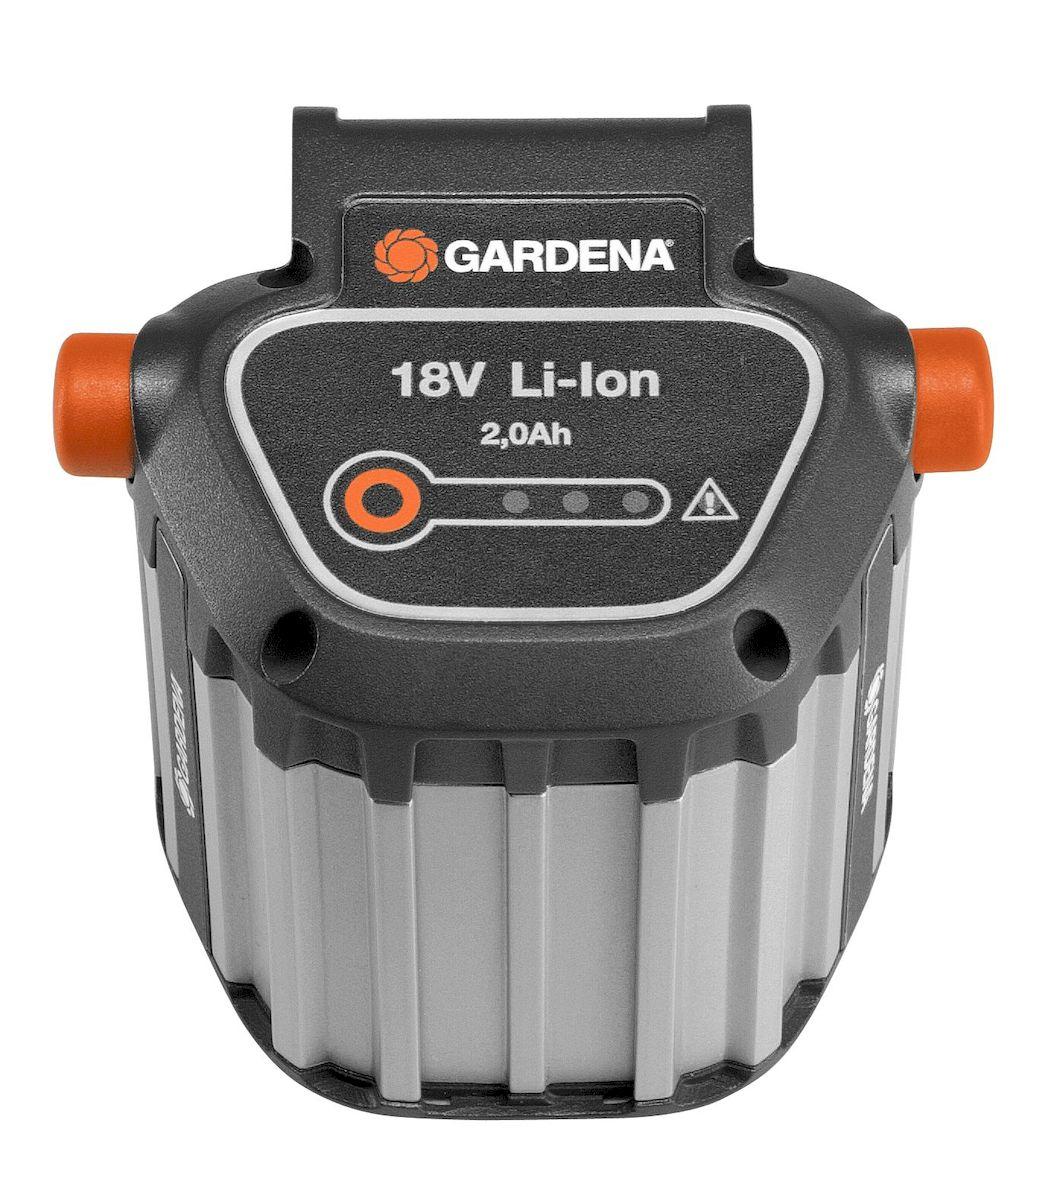 Gardena Дополнительный аккумулятор BLi18 для EasyCut09840-20.000.00Мощность 18 В, Емкость аккумулятора - 2.0 Ач, время зарядки около 3 часов, индикатор уровня заряда аккумулятора Power info, алюминиевый корпус. Совместимость с артикулами: 8881, 8877, 8866, 9335, 9823, 9825